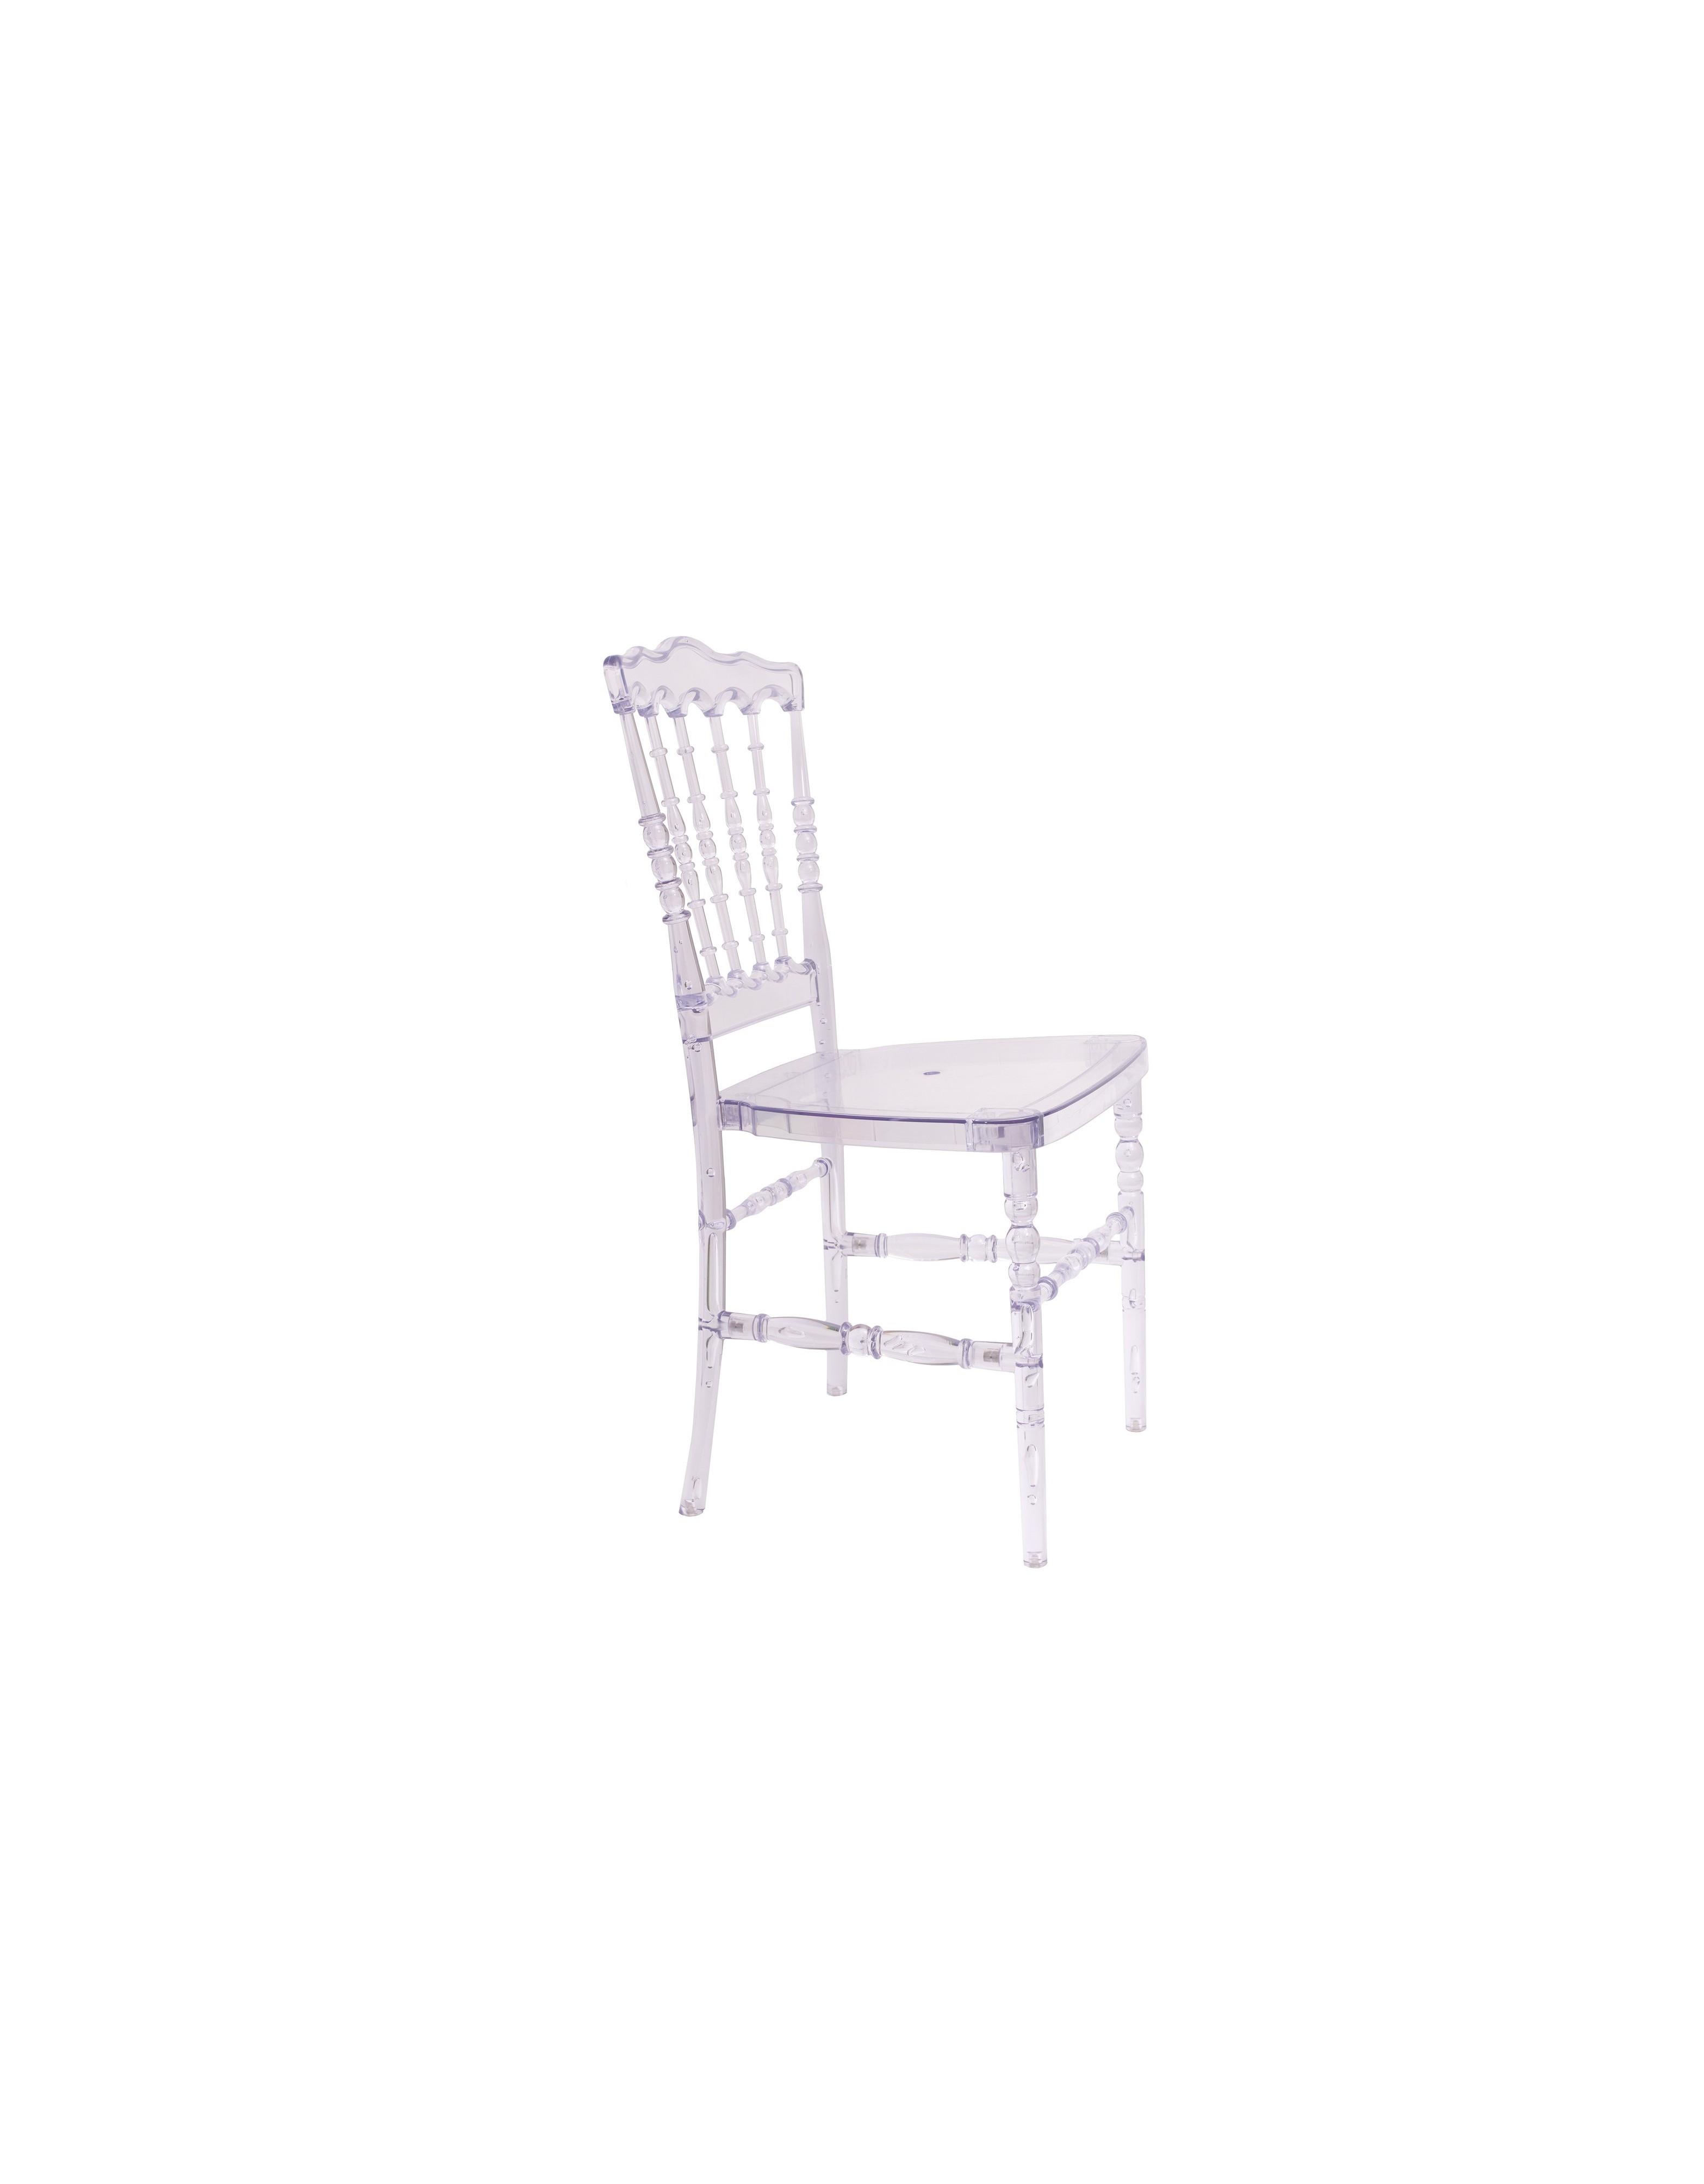 Стул КристаллОбеденные стулья<br>Коллекция «Кристалл», объединяющая в себе элементы классики и модерна, обладает изысканной элегантностью и плавностью линий, которые прекрасно дополнят интерьер кухни или гостиной. К тому же, изящный дизайн стульев Стул «Кристалл» будет прекрасным выбором для свадебного торжества, банкета и любого другого вечернего мероприятия.<br><br>Material: Пластик<br>Ширина см: 45<br>Высота см: 90<br>Глубина см: 40